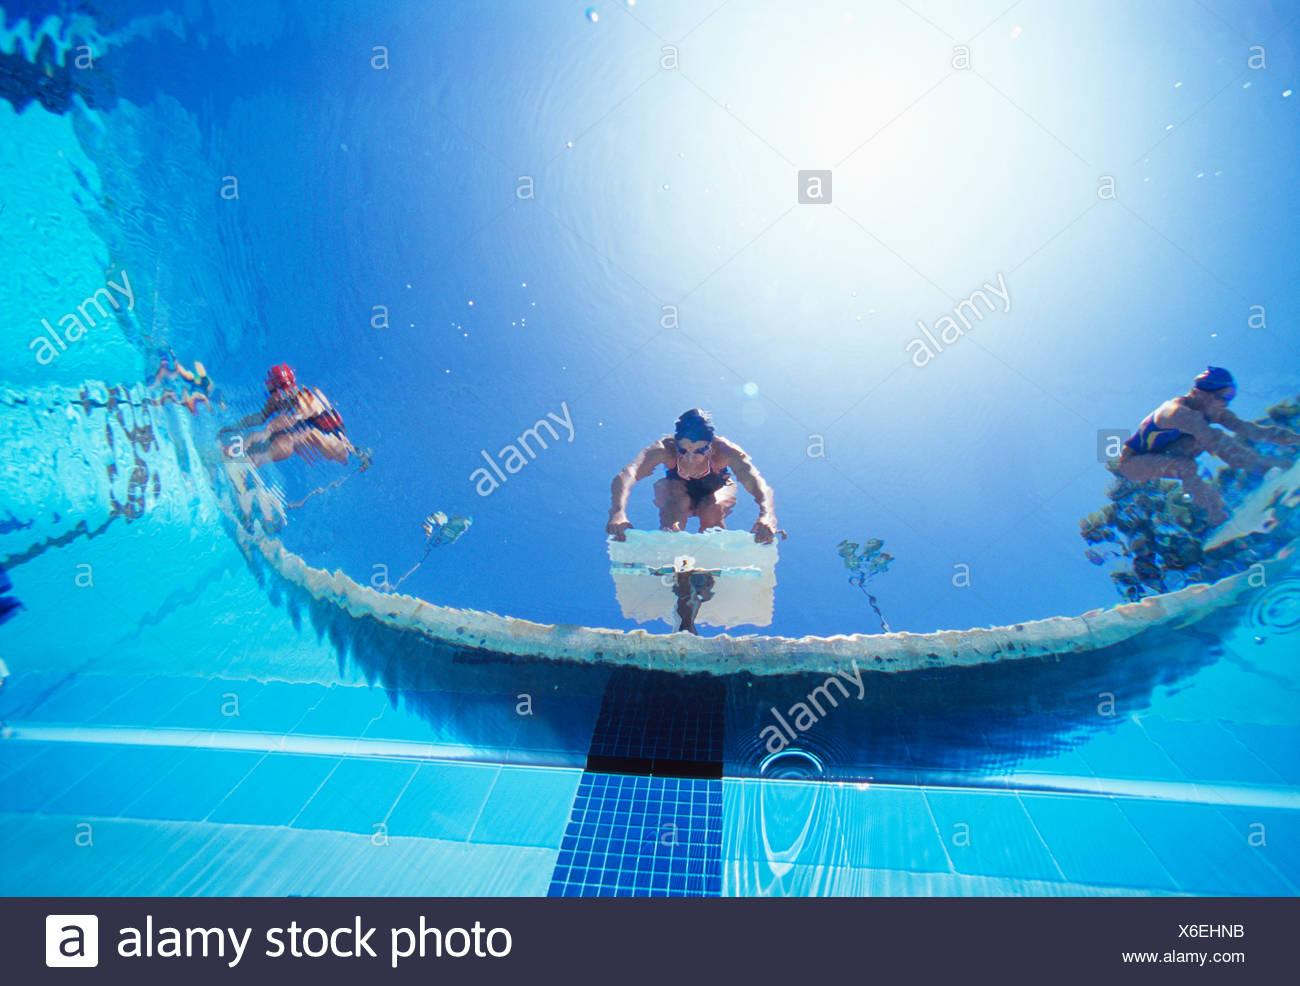 De faibles nageurs ngle prêt plongée en piscine à partir de la position de départ Photo Stock